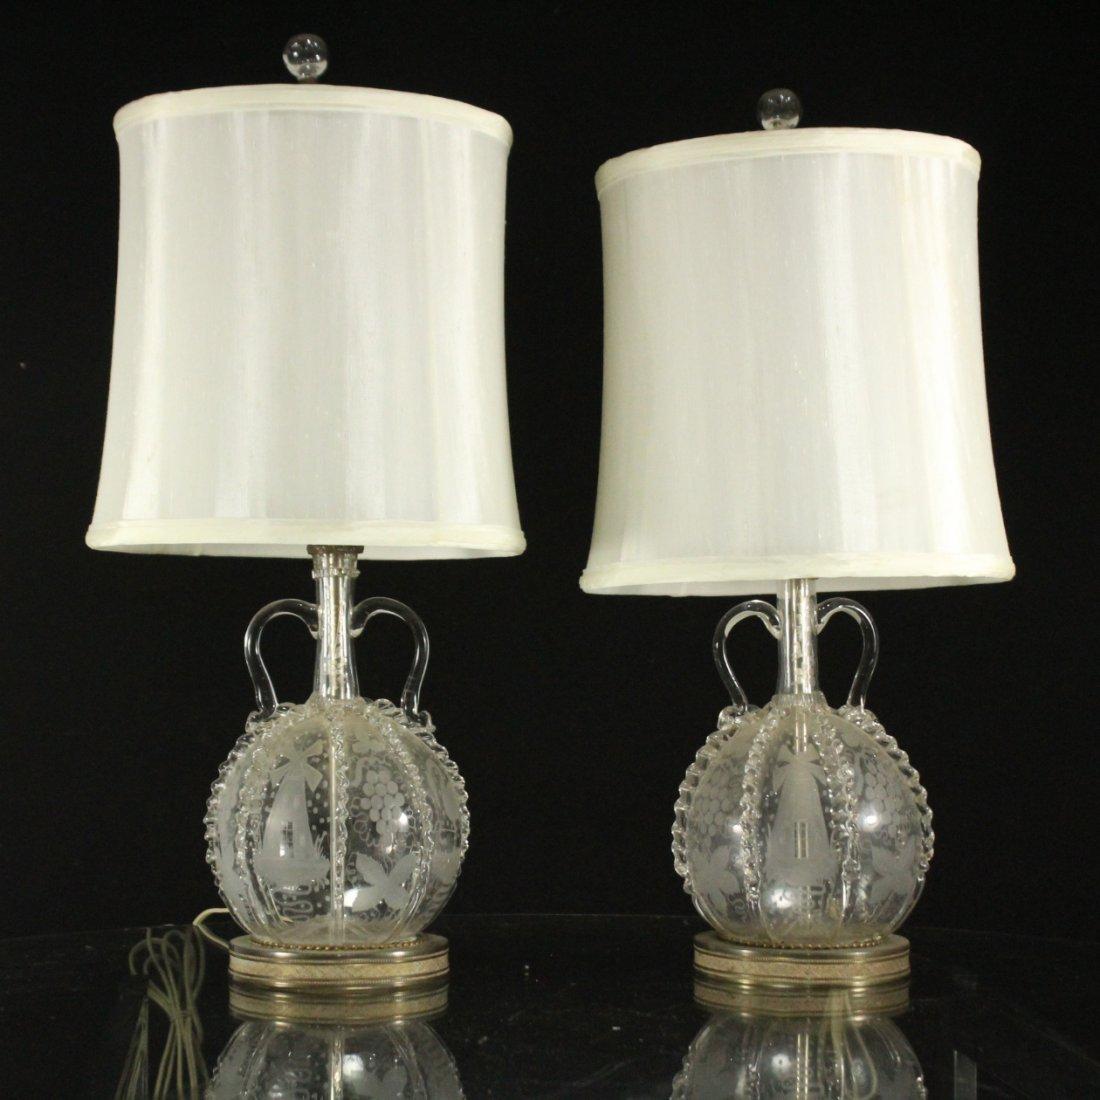 Pair Antique BACCARAT ETCHED GLASS BOUDOIR LAMPS